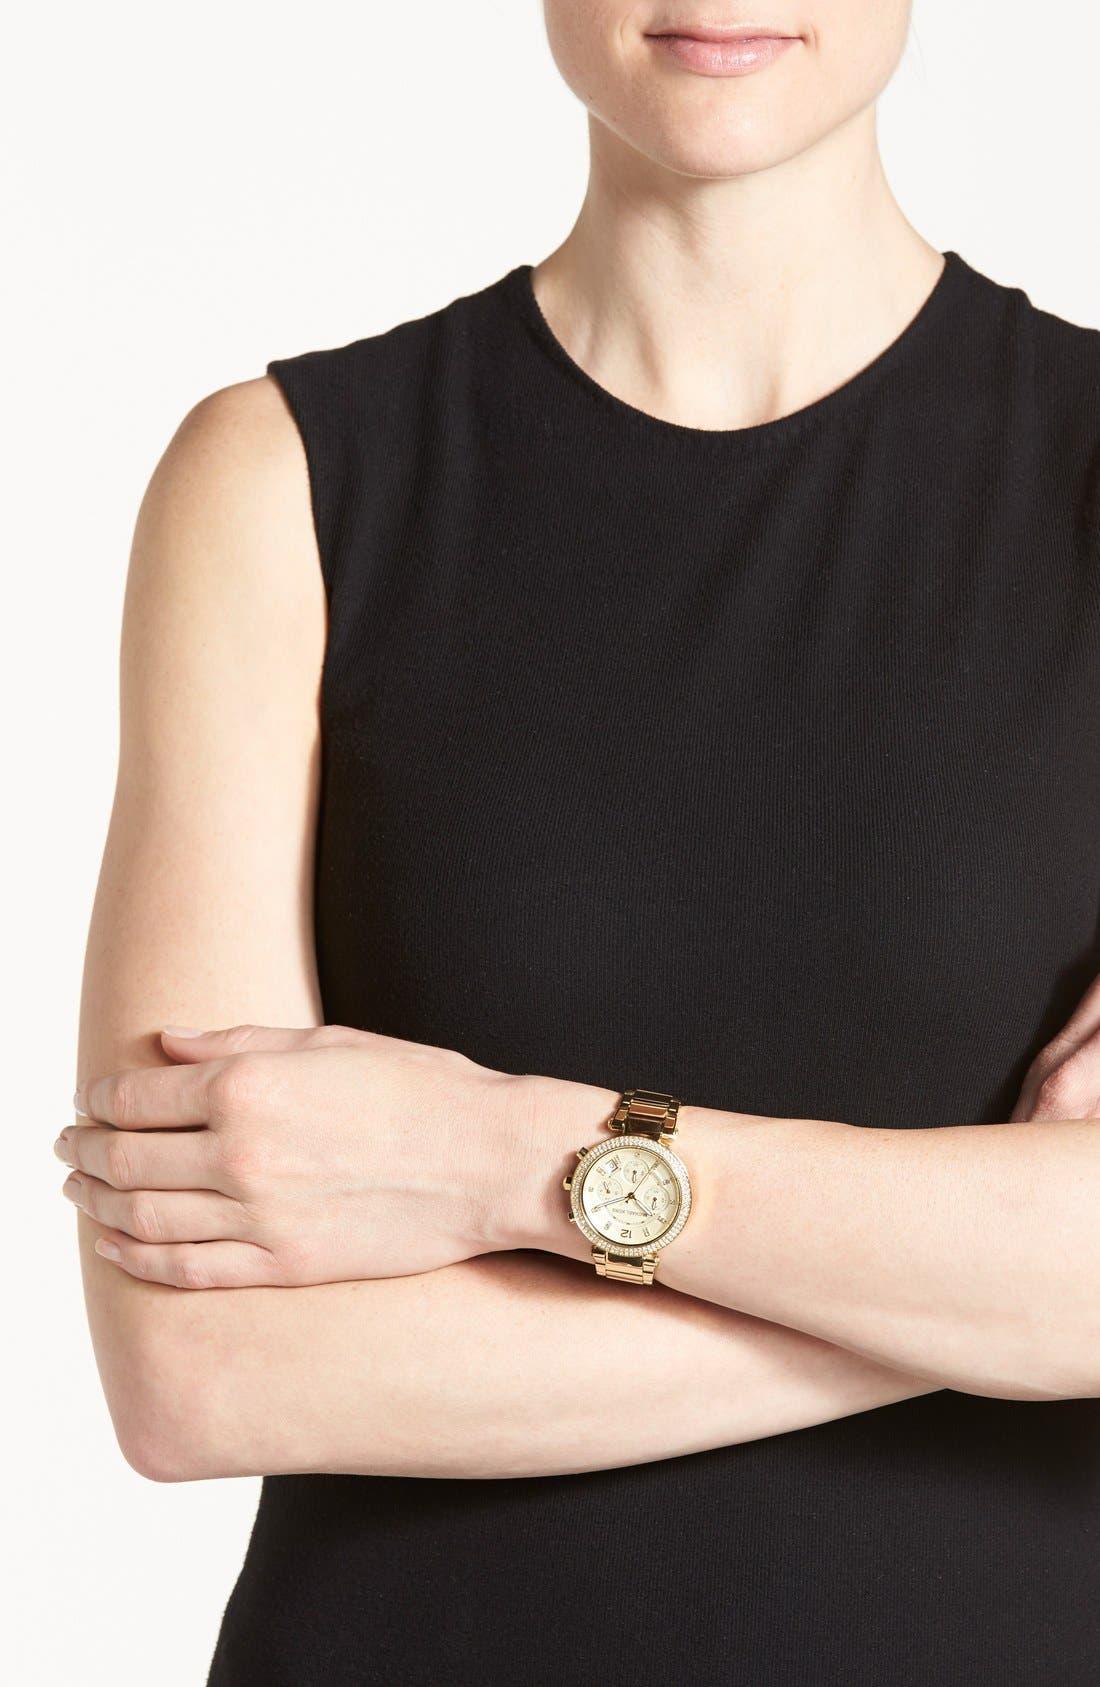 Michael Kors 'Parker' Chronograph Bracelet Watch, 39mm,                             Alternate thumbnail 6, color,                             Gold